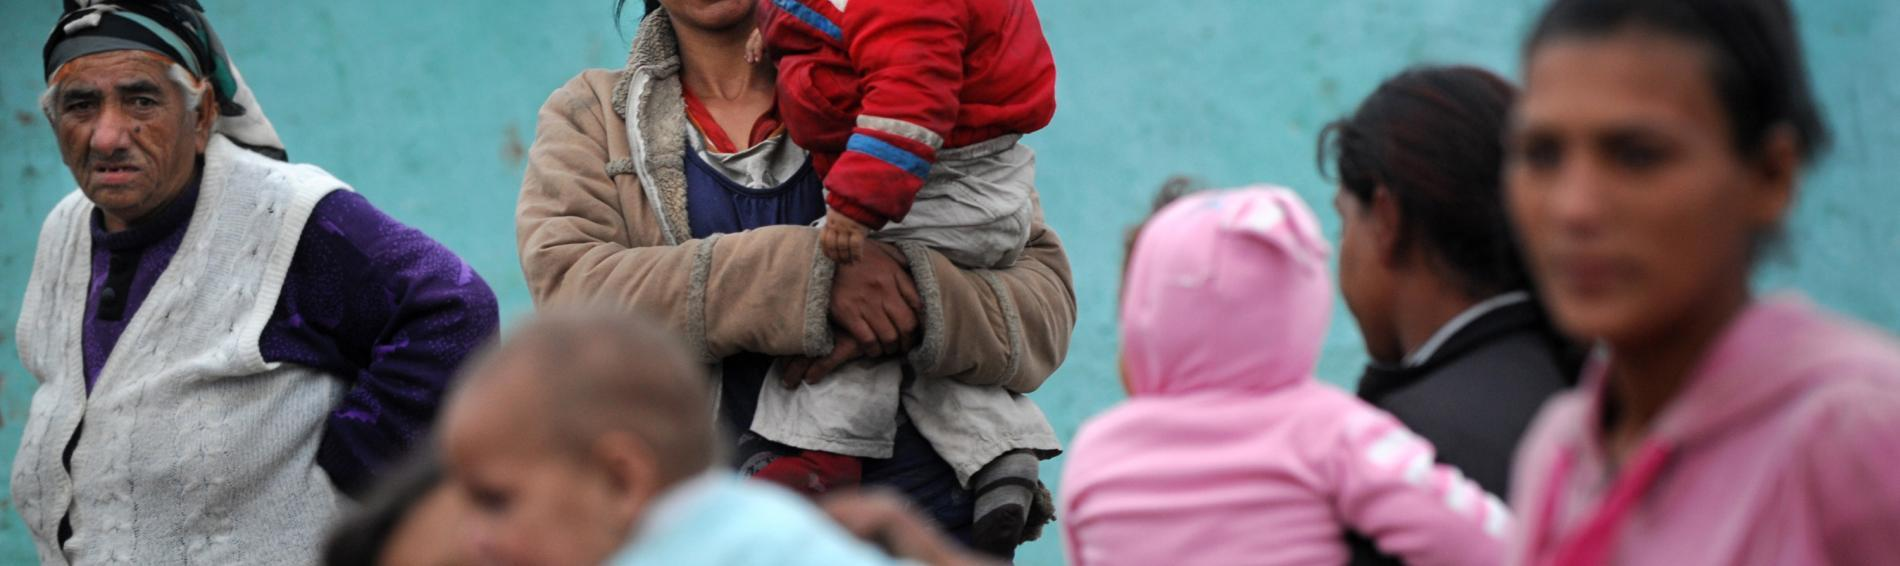 Frauen und Kinder im Ghetto von Nedejda. Foto: Ärzte der Welt